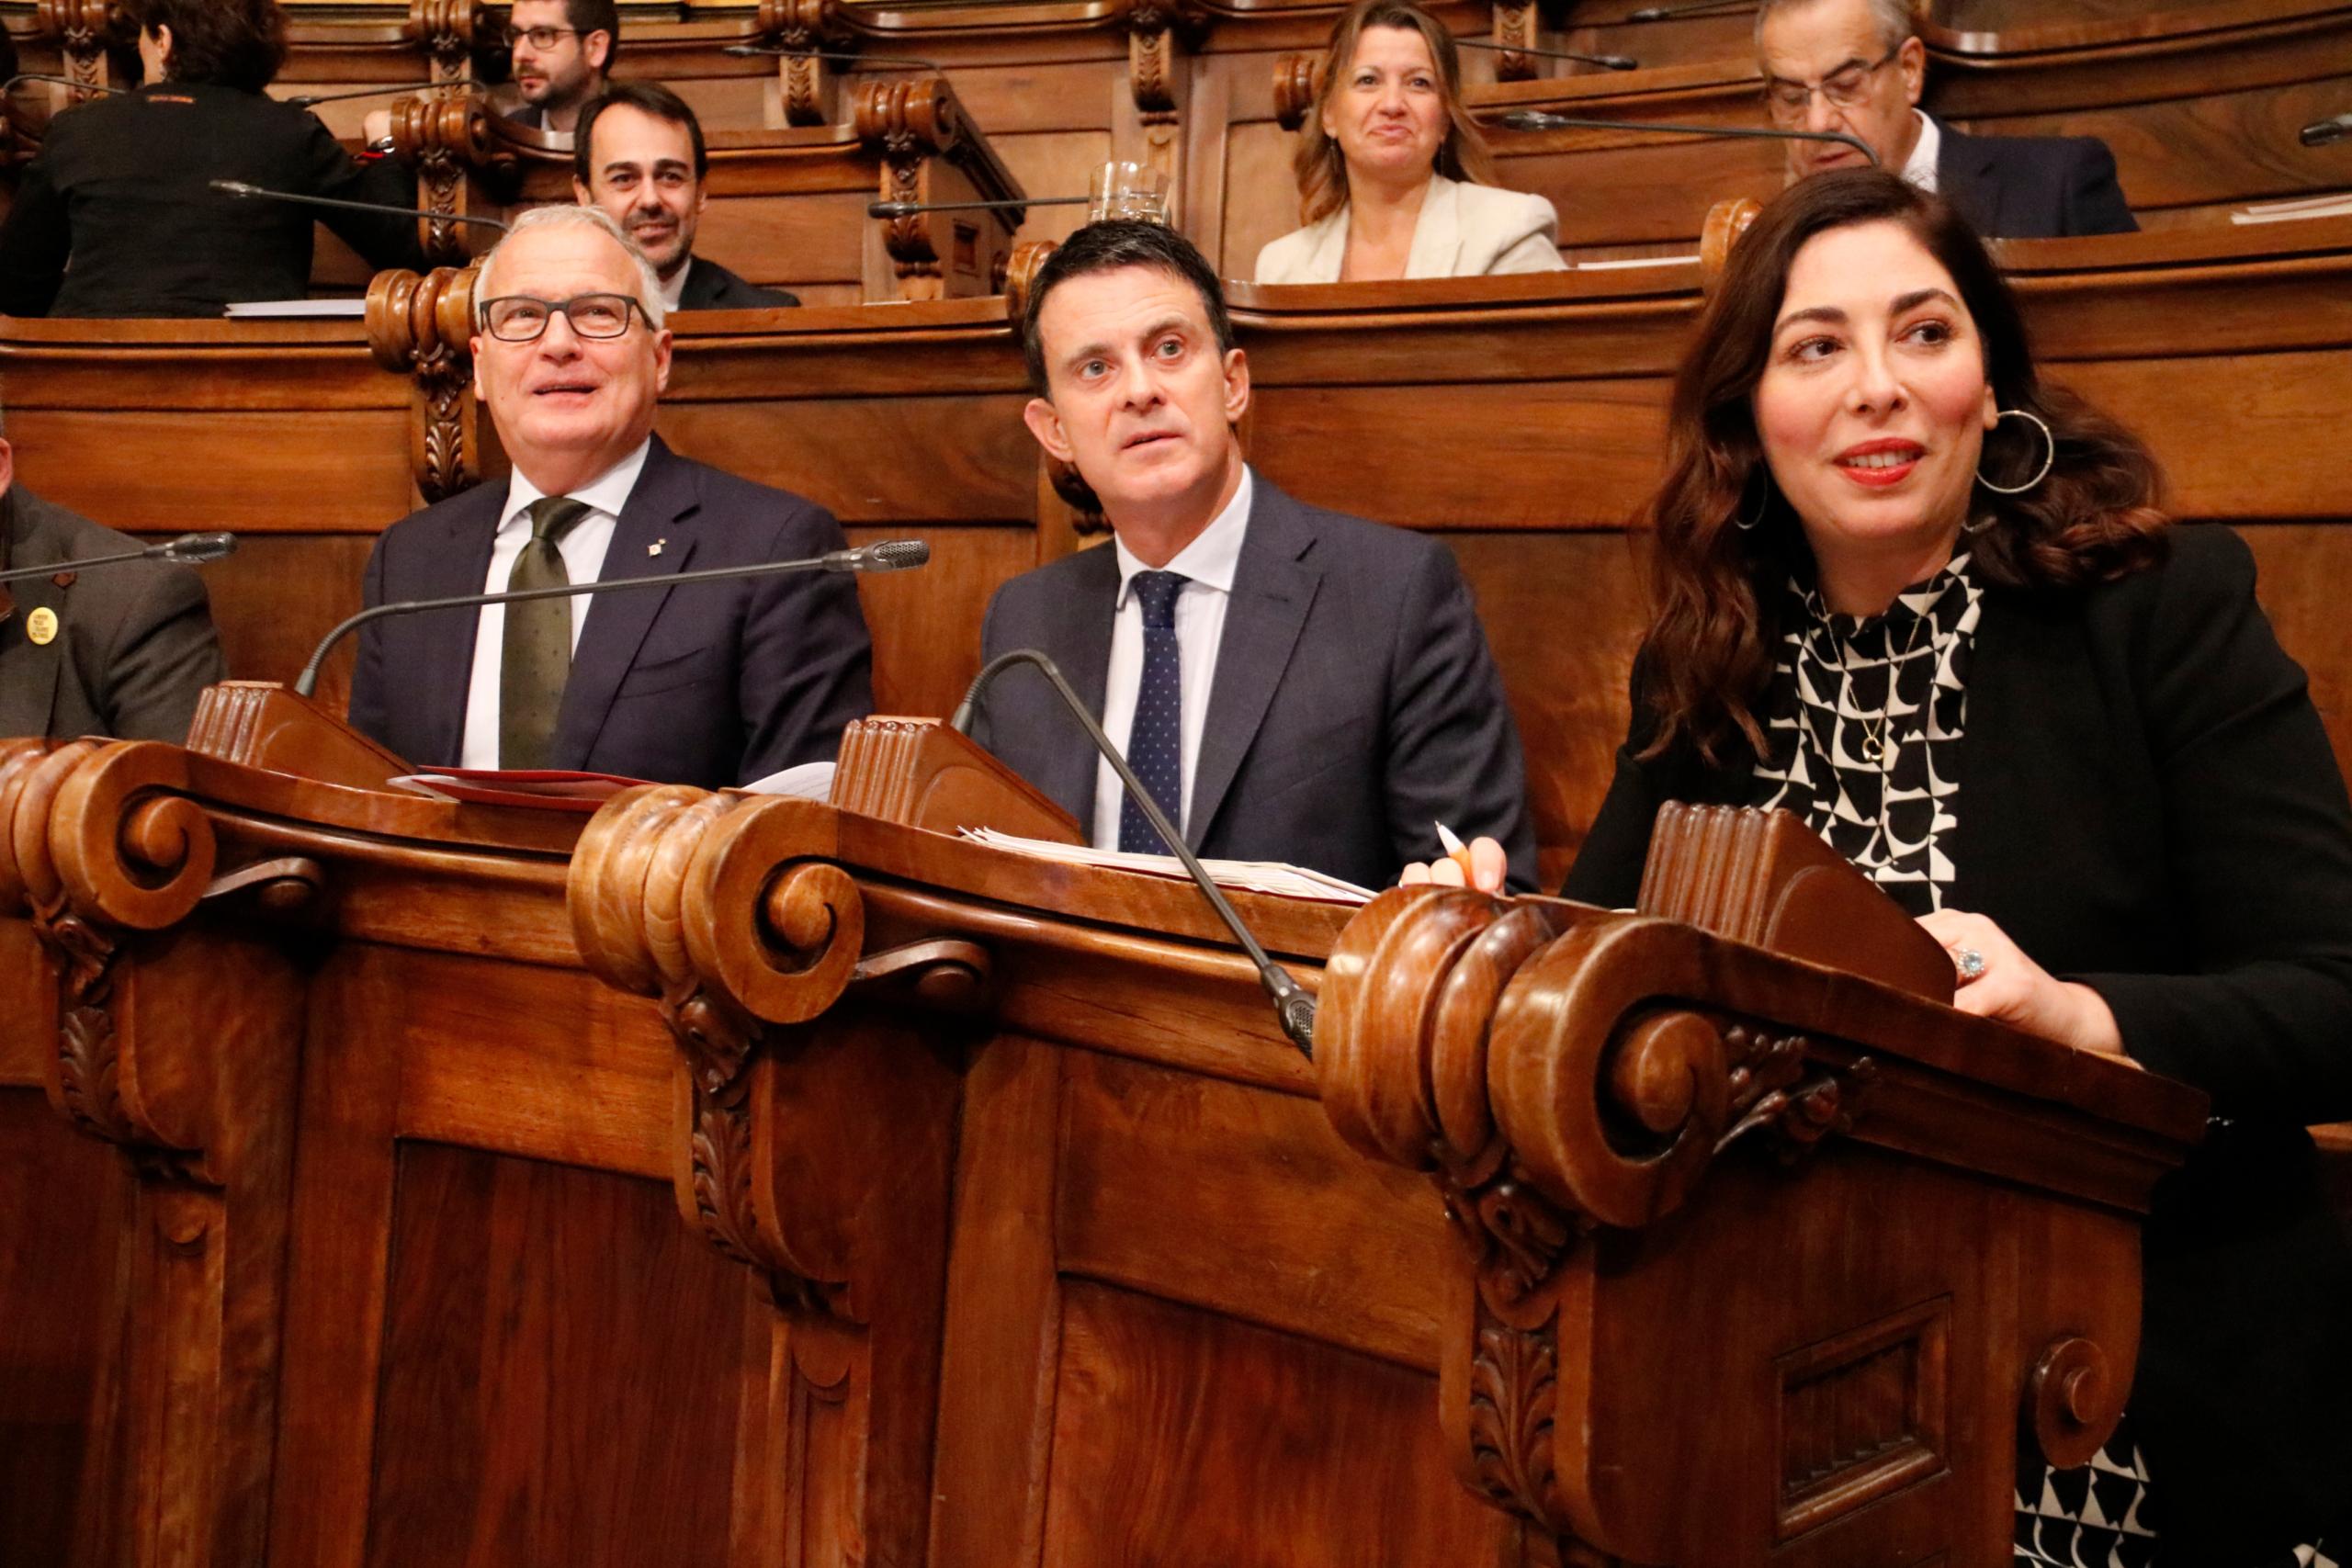 Els regidors Josep Bou (PP), Manuel Valls (Barcelona pel Canvi) i Luz Guilarte (Cs) abans d'un ple / ACN